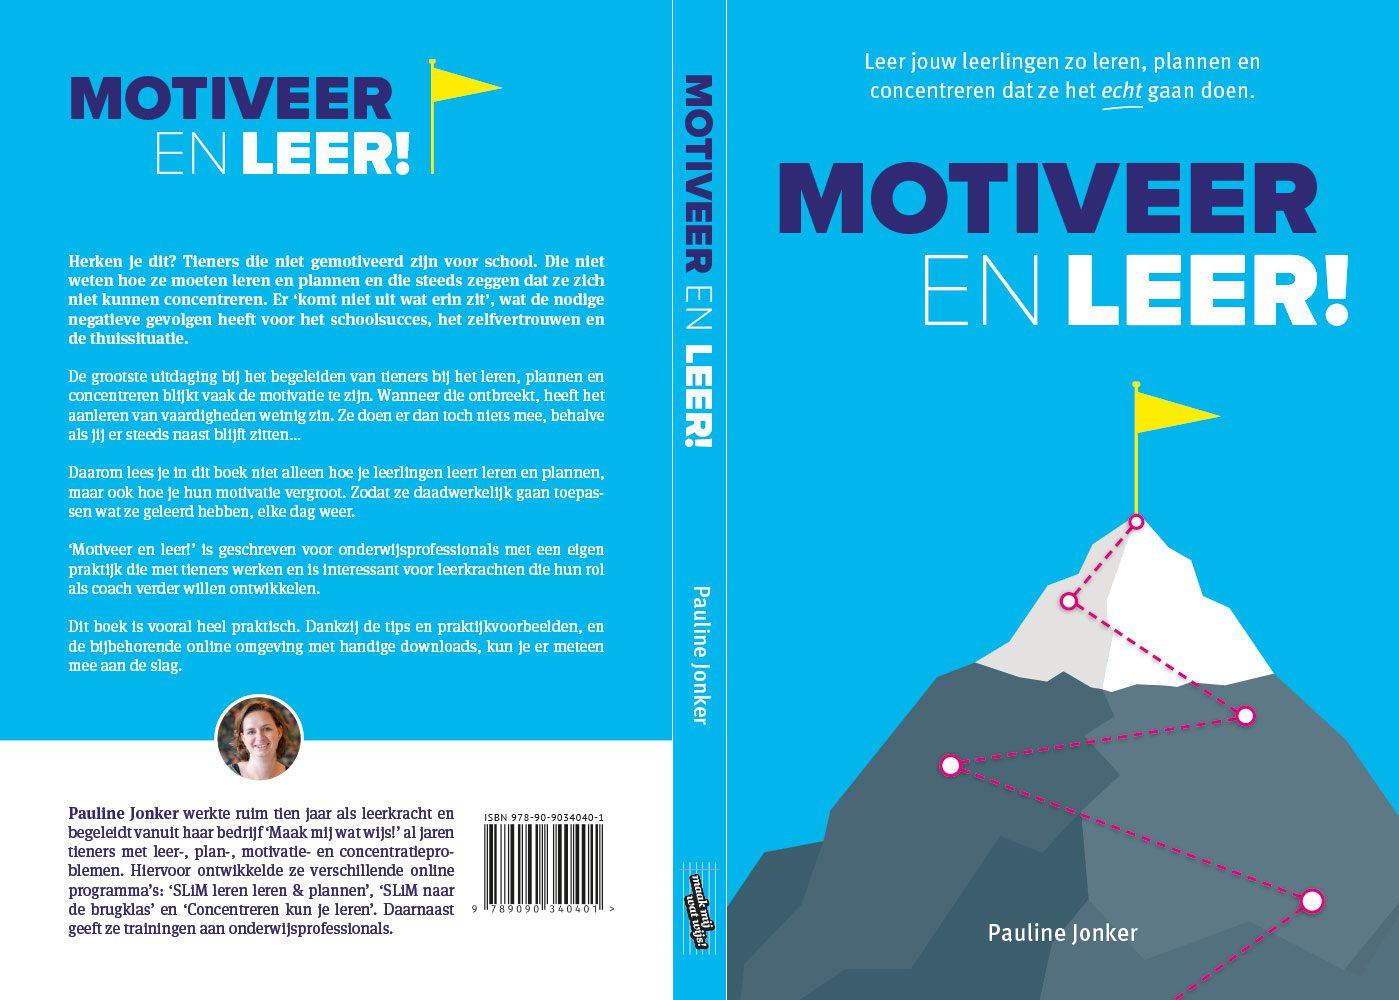 Motiveer en leer! omslag